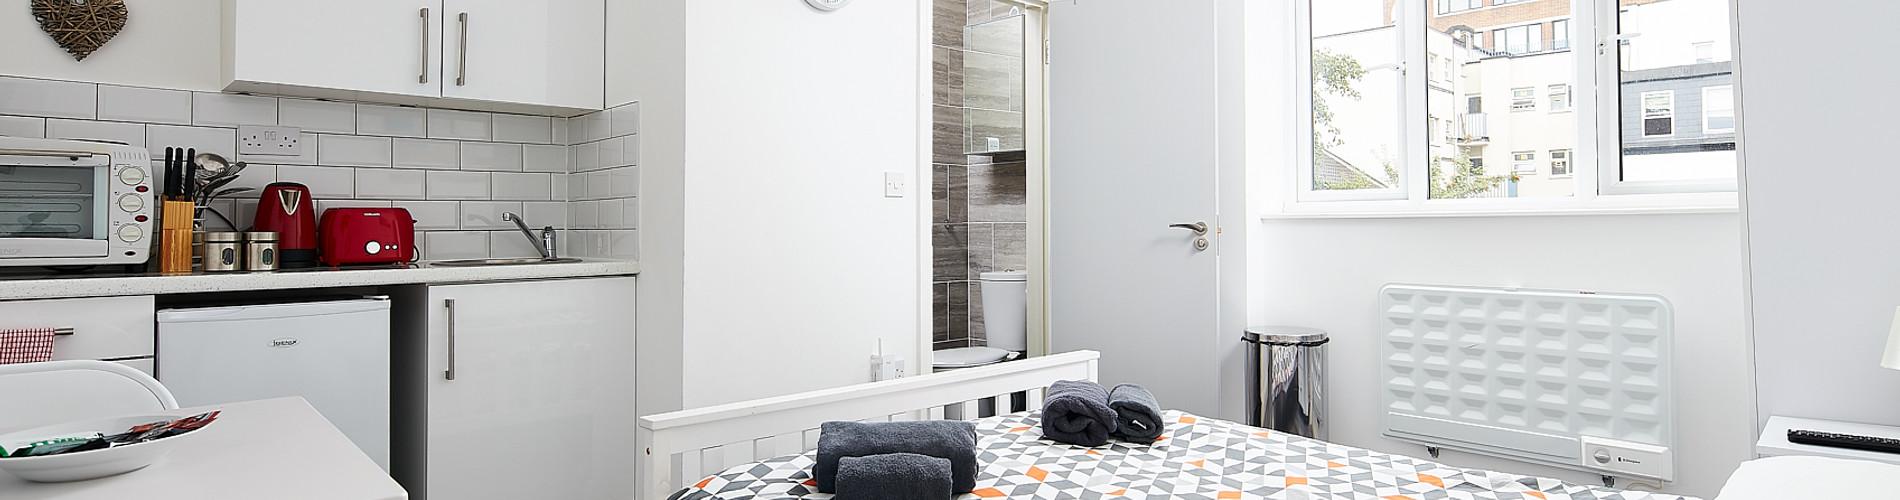 Vacation Rental Euston Studio Apartment #3